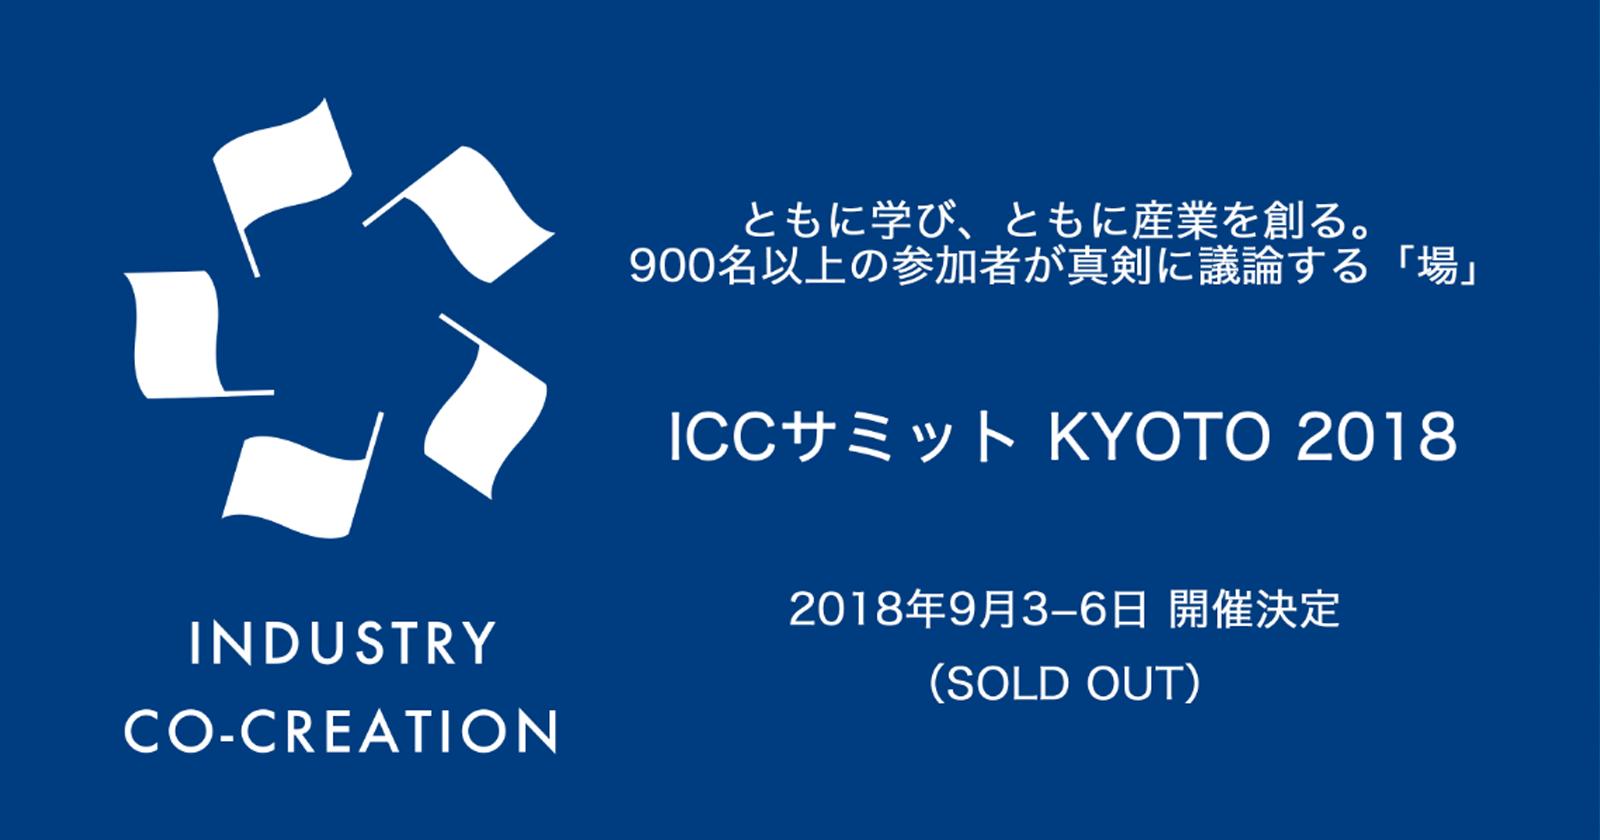 【イベント協賛】『Industry Co-Creation™ (ICC) サミット KYOTO 2018』に協賛。9月6日のセッションに弊社代表志水が登壇いたします。